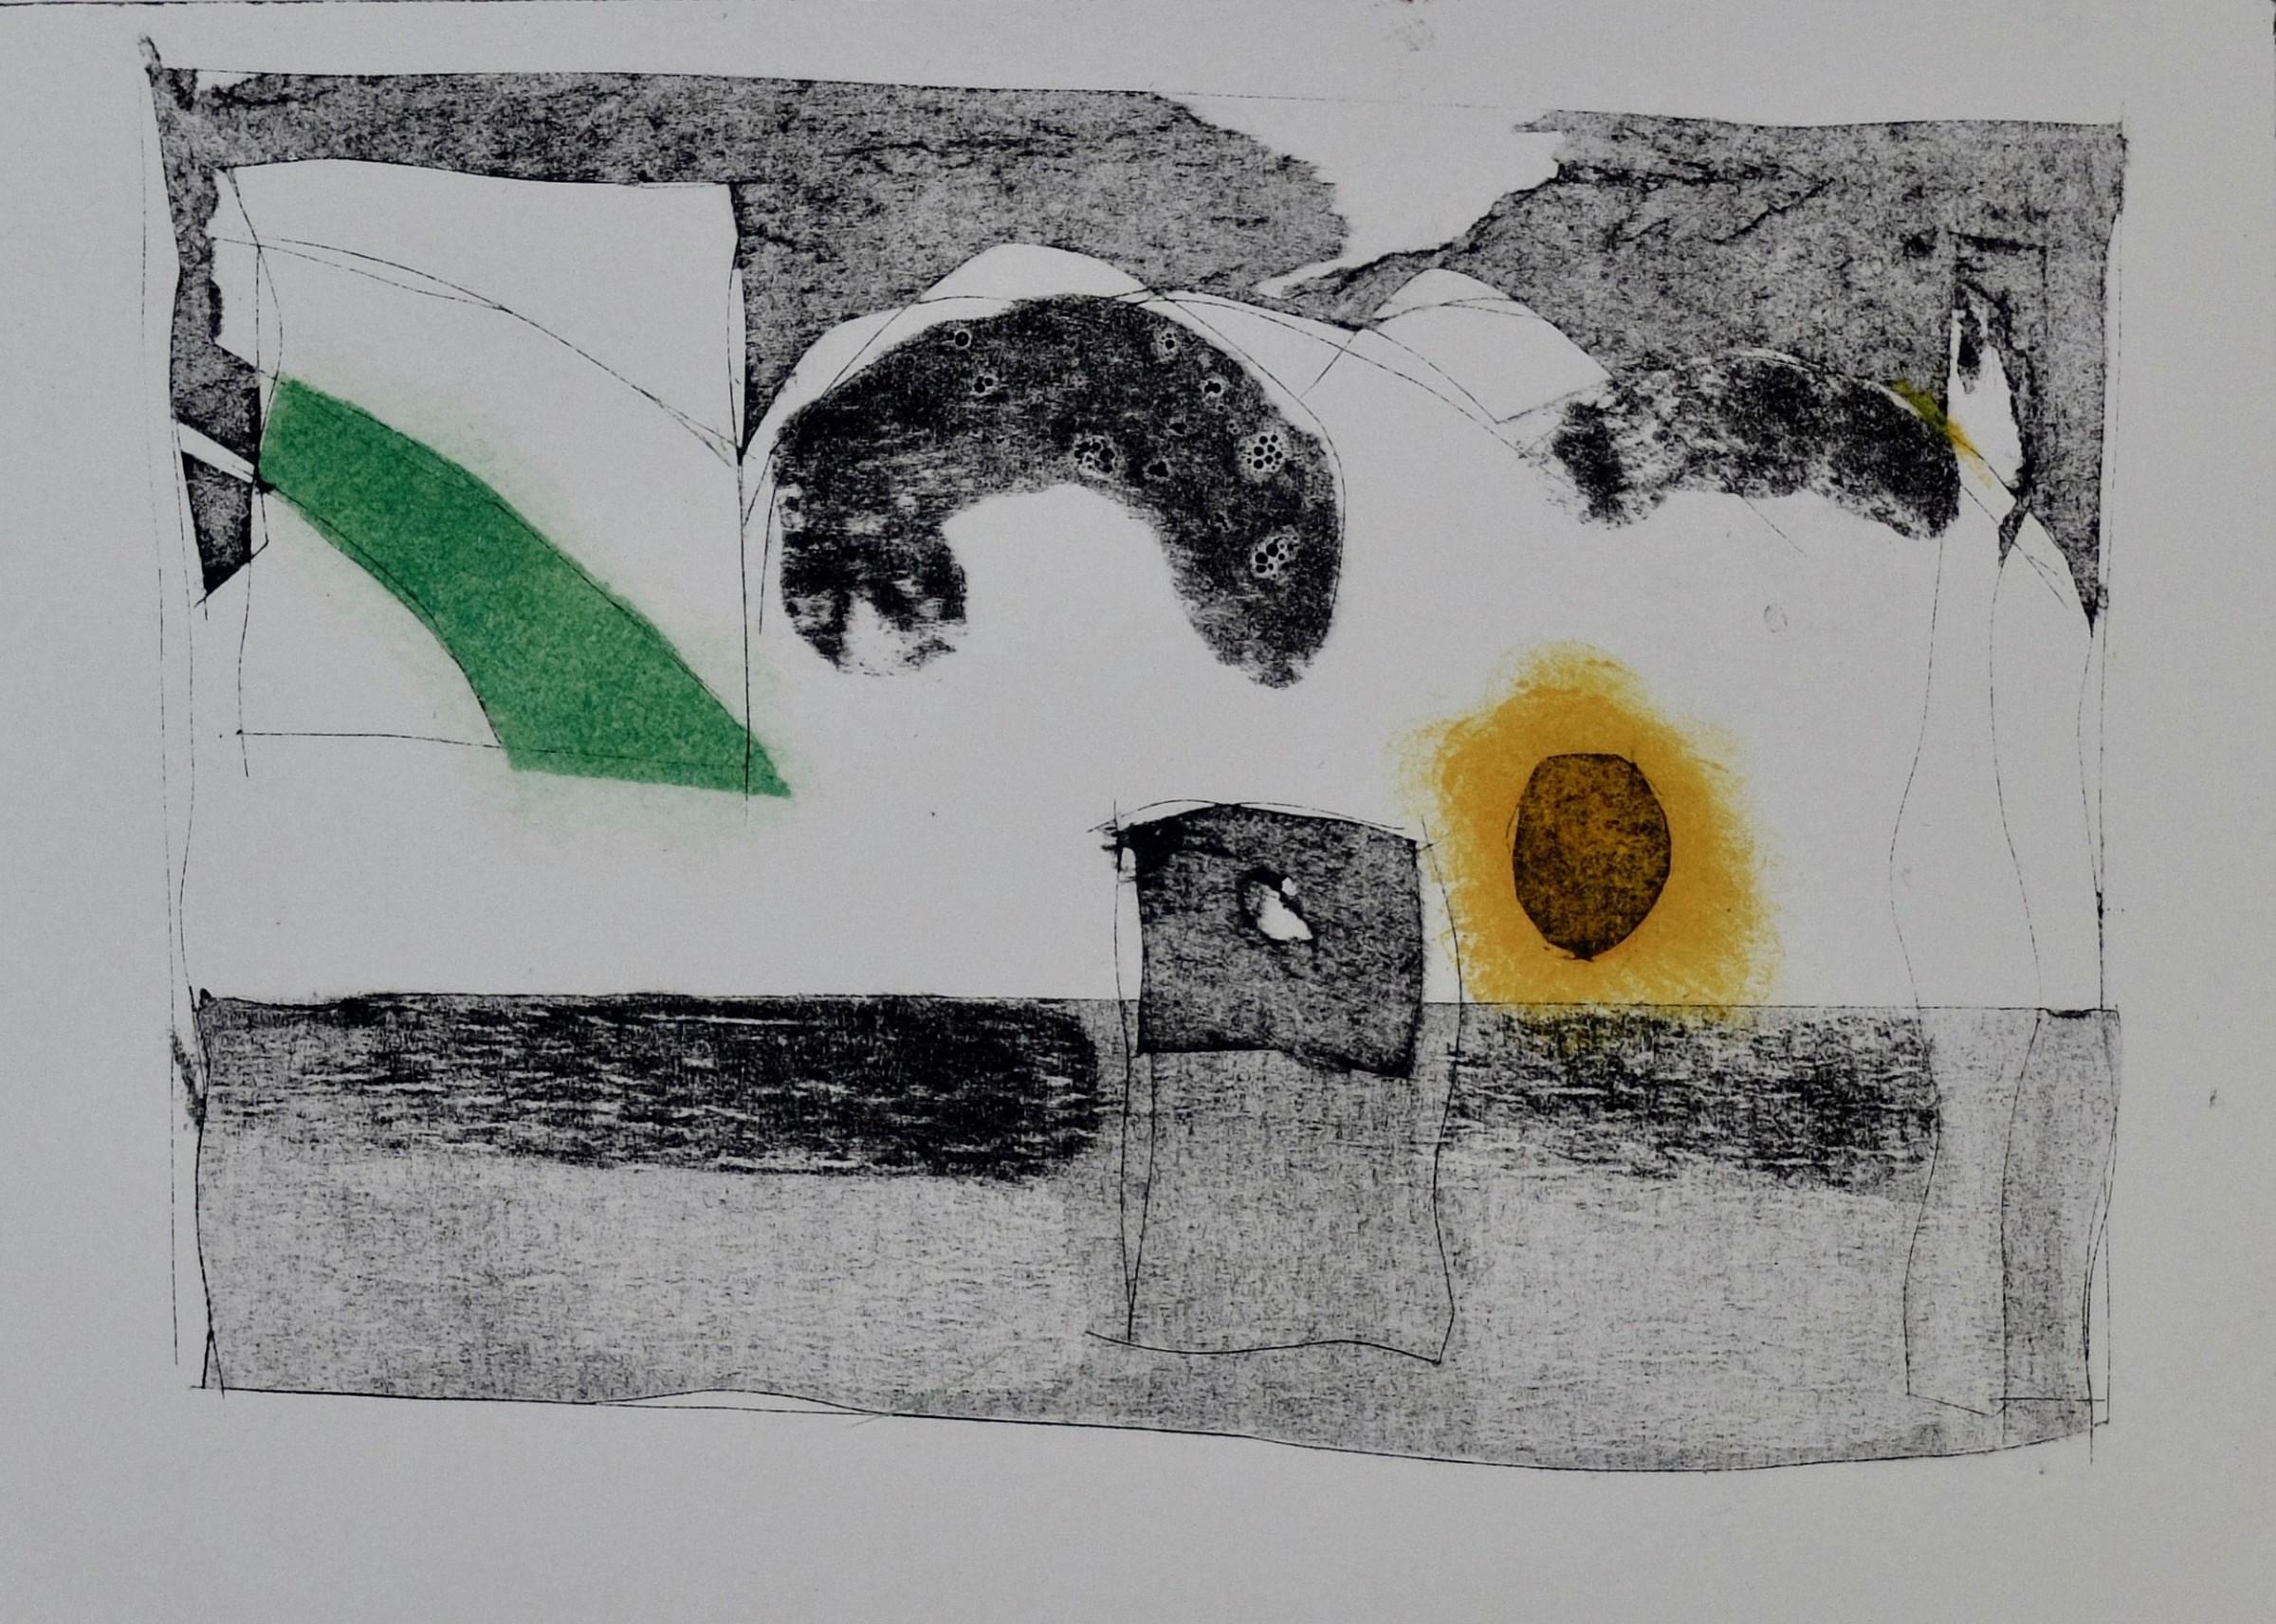 """<span class=""""link fancybox-details-link""""><a href=""""/exhibitions/20/works/artworks_standalone10794/"""">View Detail Page</a></span><div class=""""artist""""><span class=""""artist""""><strong>Robert Baggaley RE</strong></span></div><div class=""""title""""><em>Levant</em></div><div class=""""medium"""">monoprint</div><div class=""""dimensions"""">15 x 21 cm image size<br></div><div class=""""edition_details"""">unique</div>"""